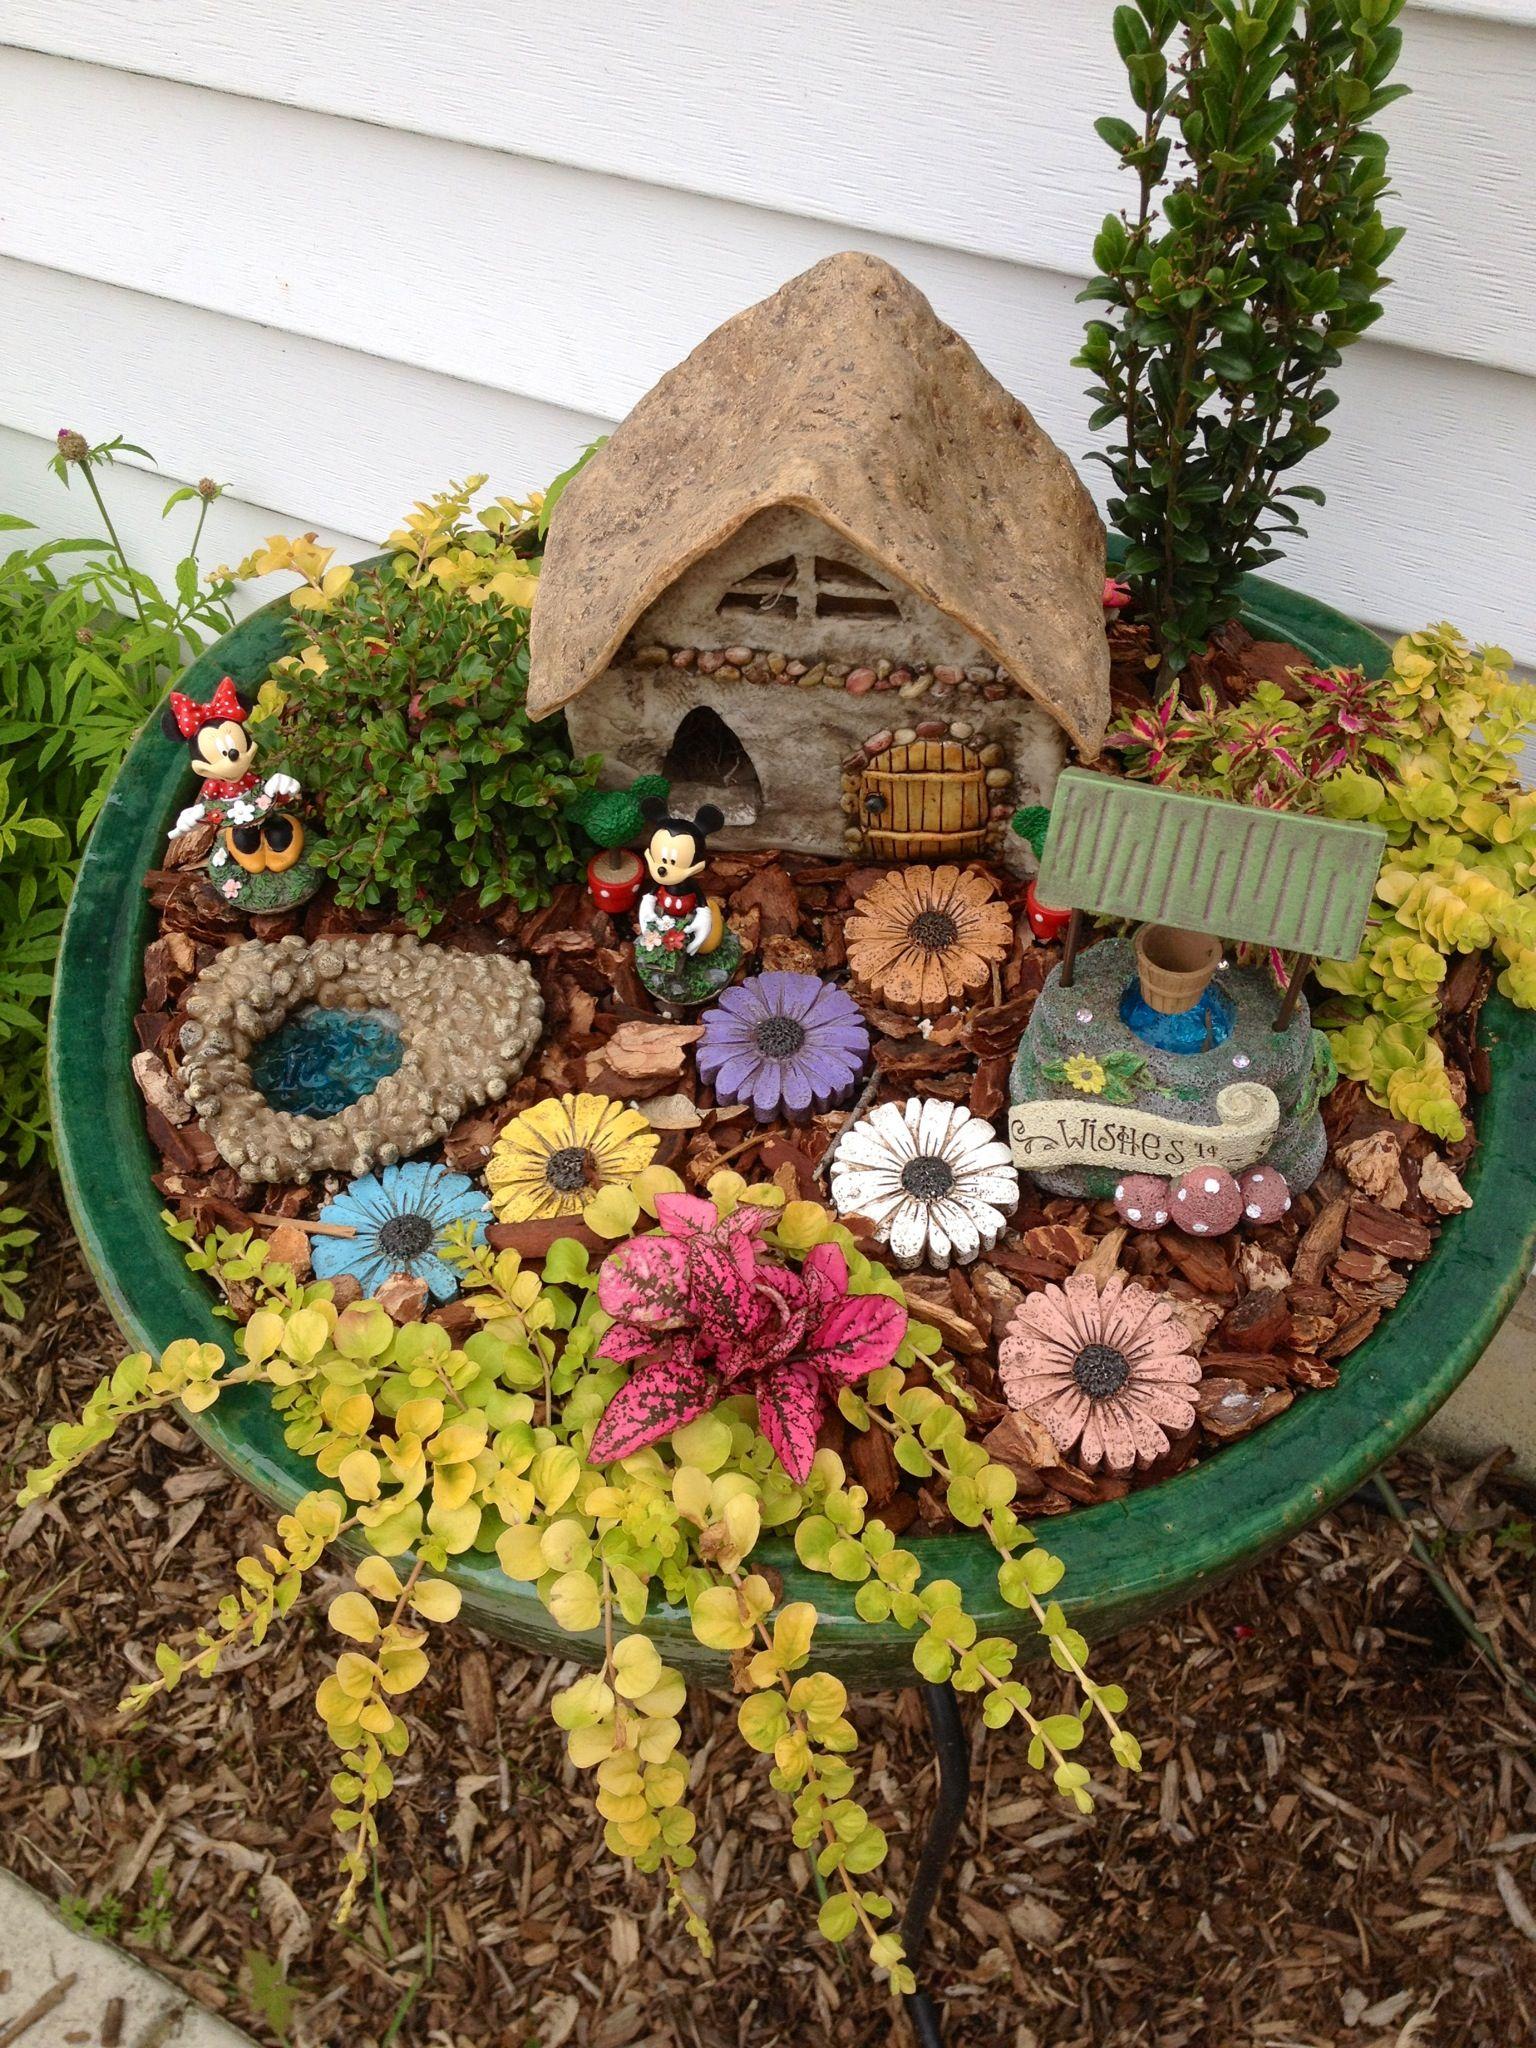 Pin By Figen Ibikoglu On Fairy Gardens Fairy Garden Kit Miniature Fairy Gardens Disney Garden